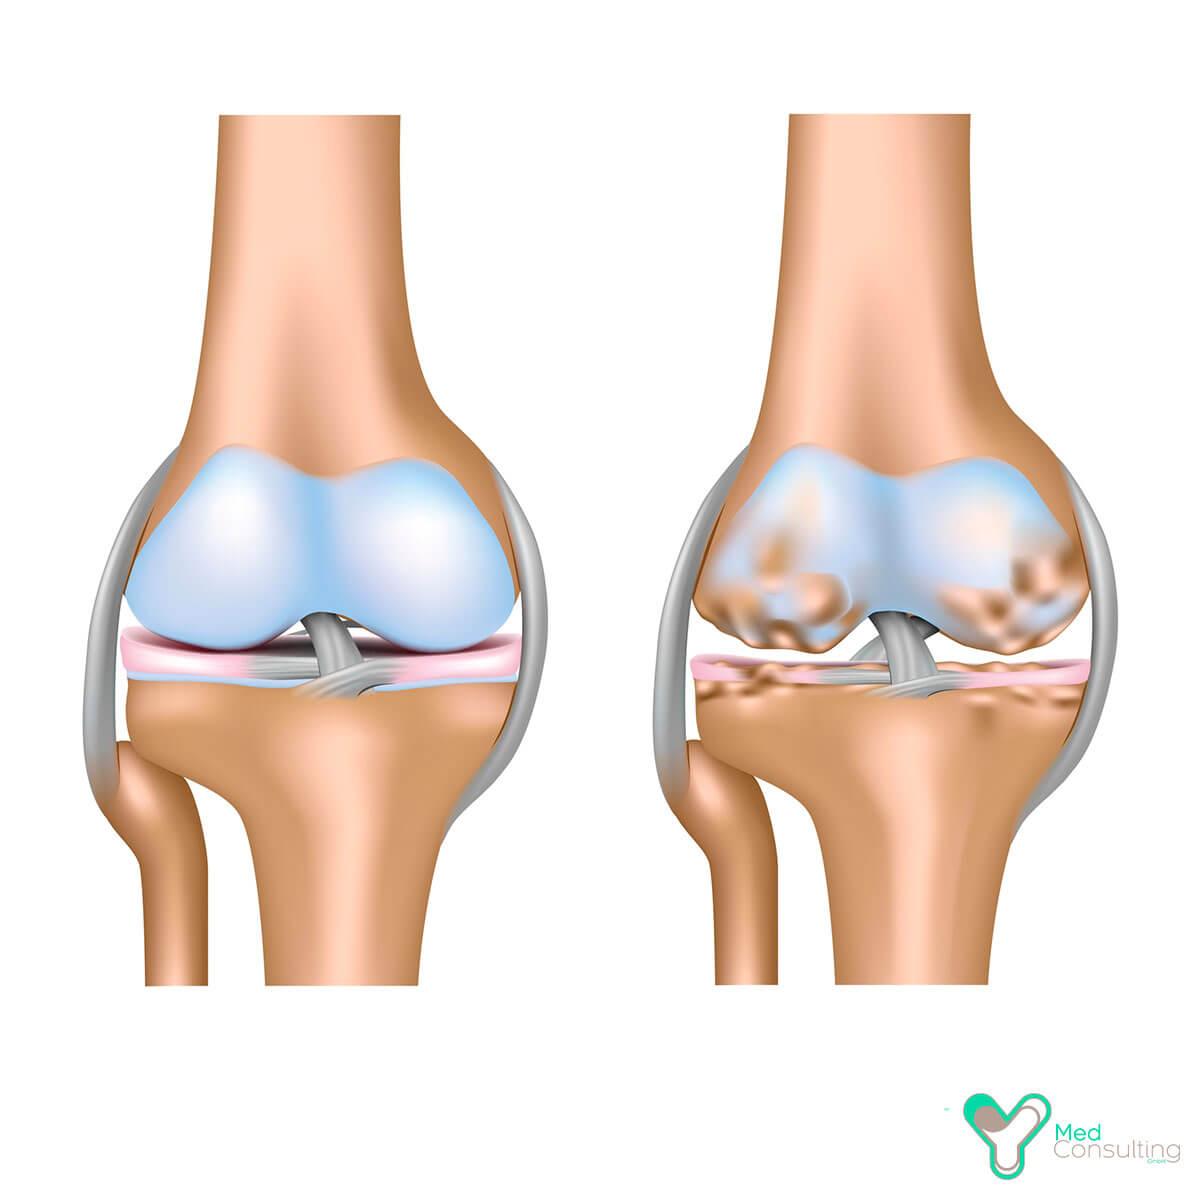 Остеохондроз позвоночника упражнения для лечения